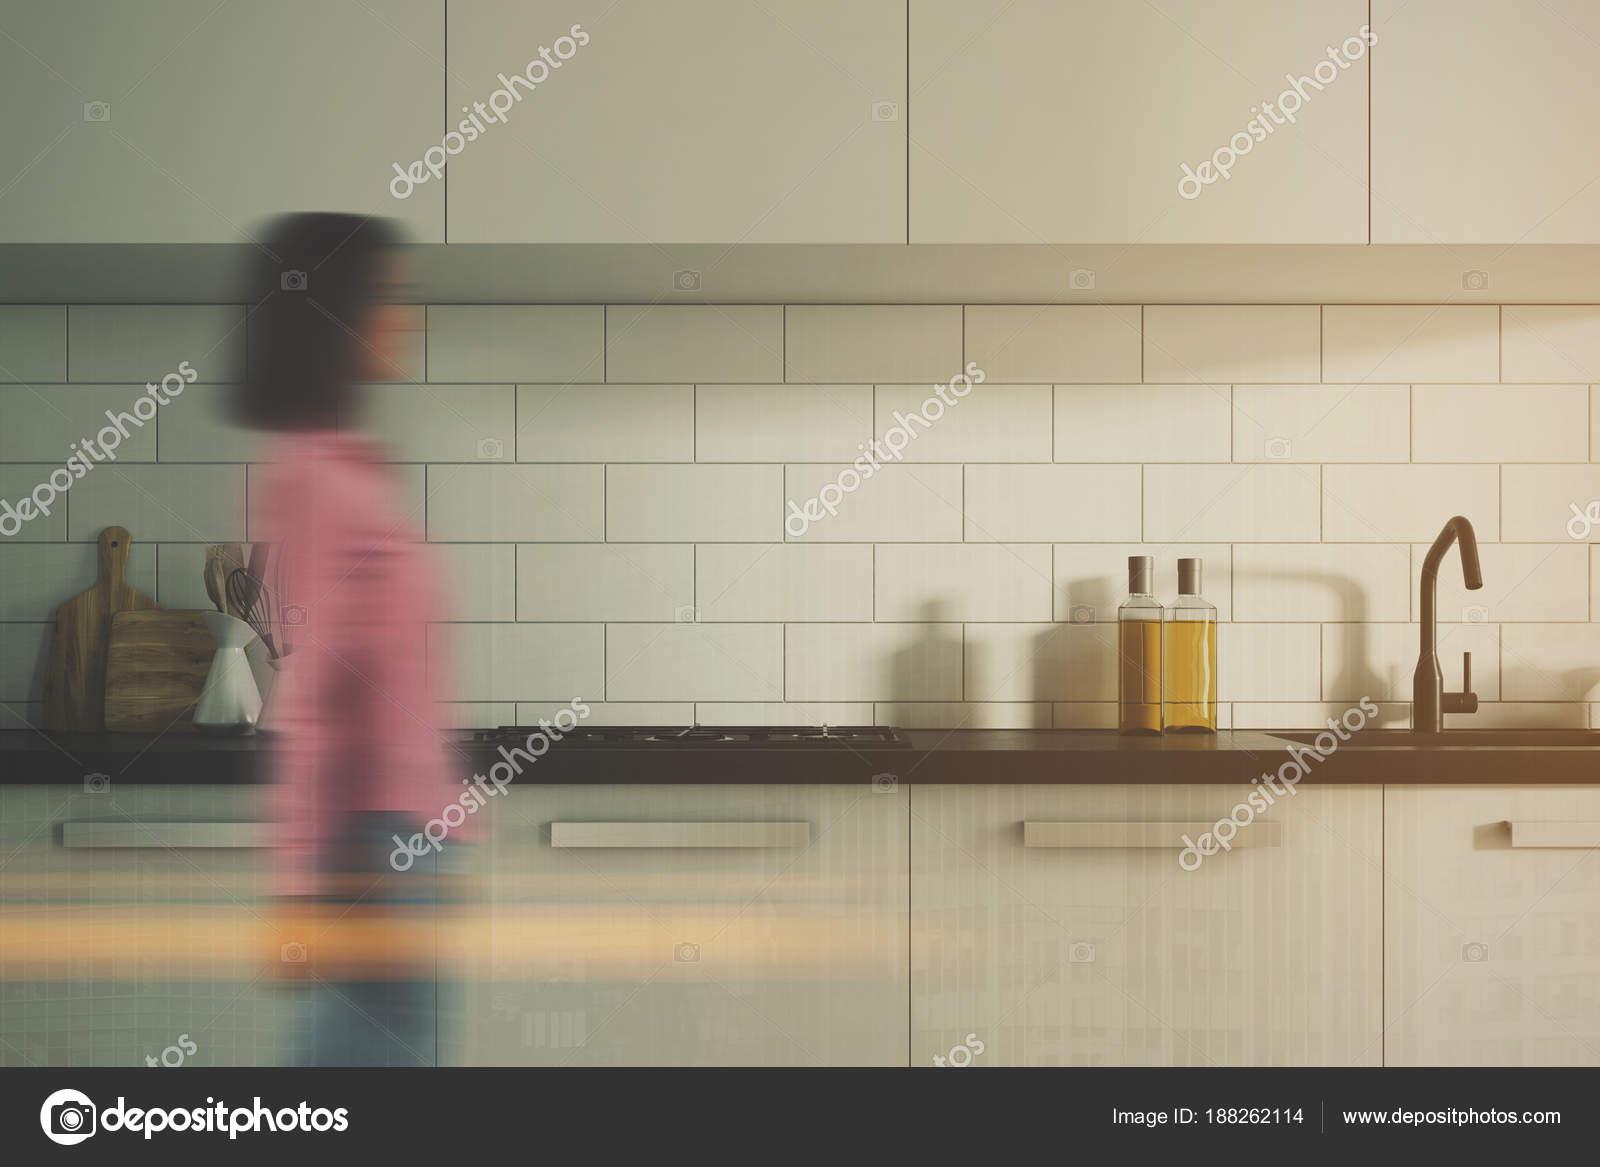 Weiße Ziegel Küche Interieur, verwischen weiße Theken — Stockfoto ...